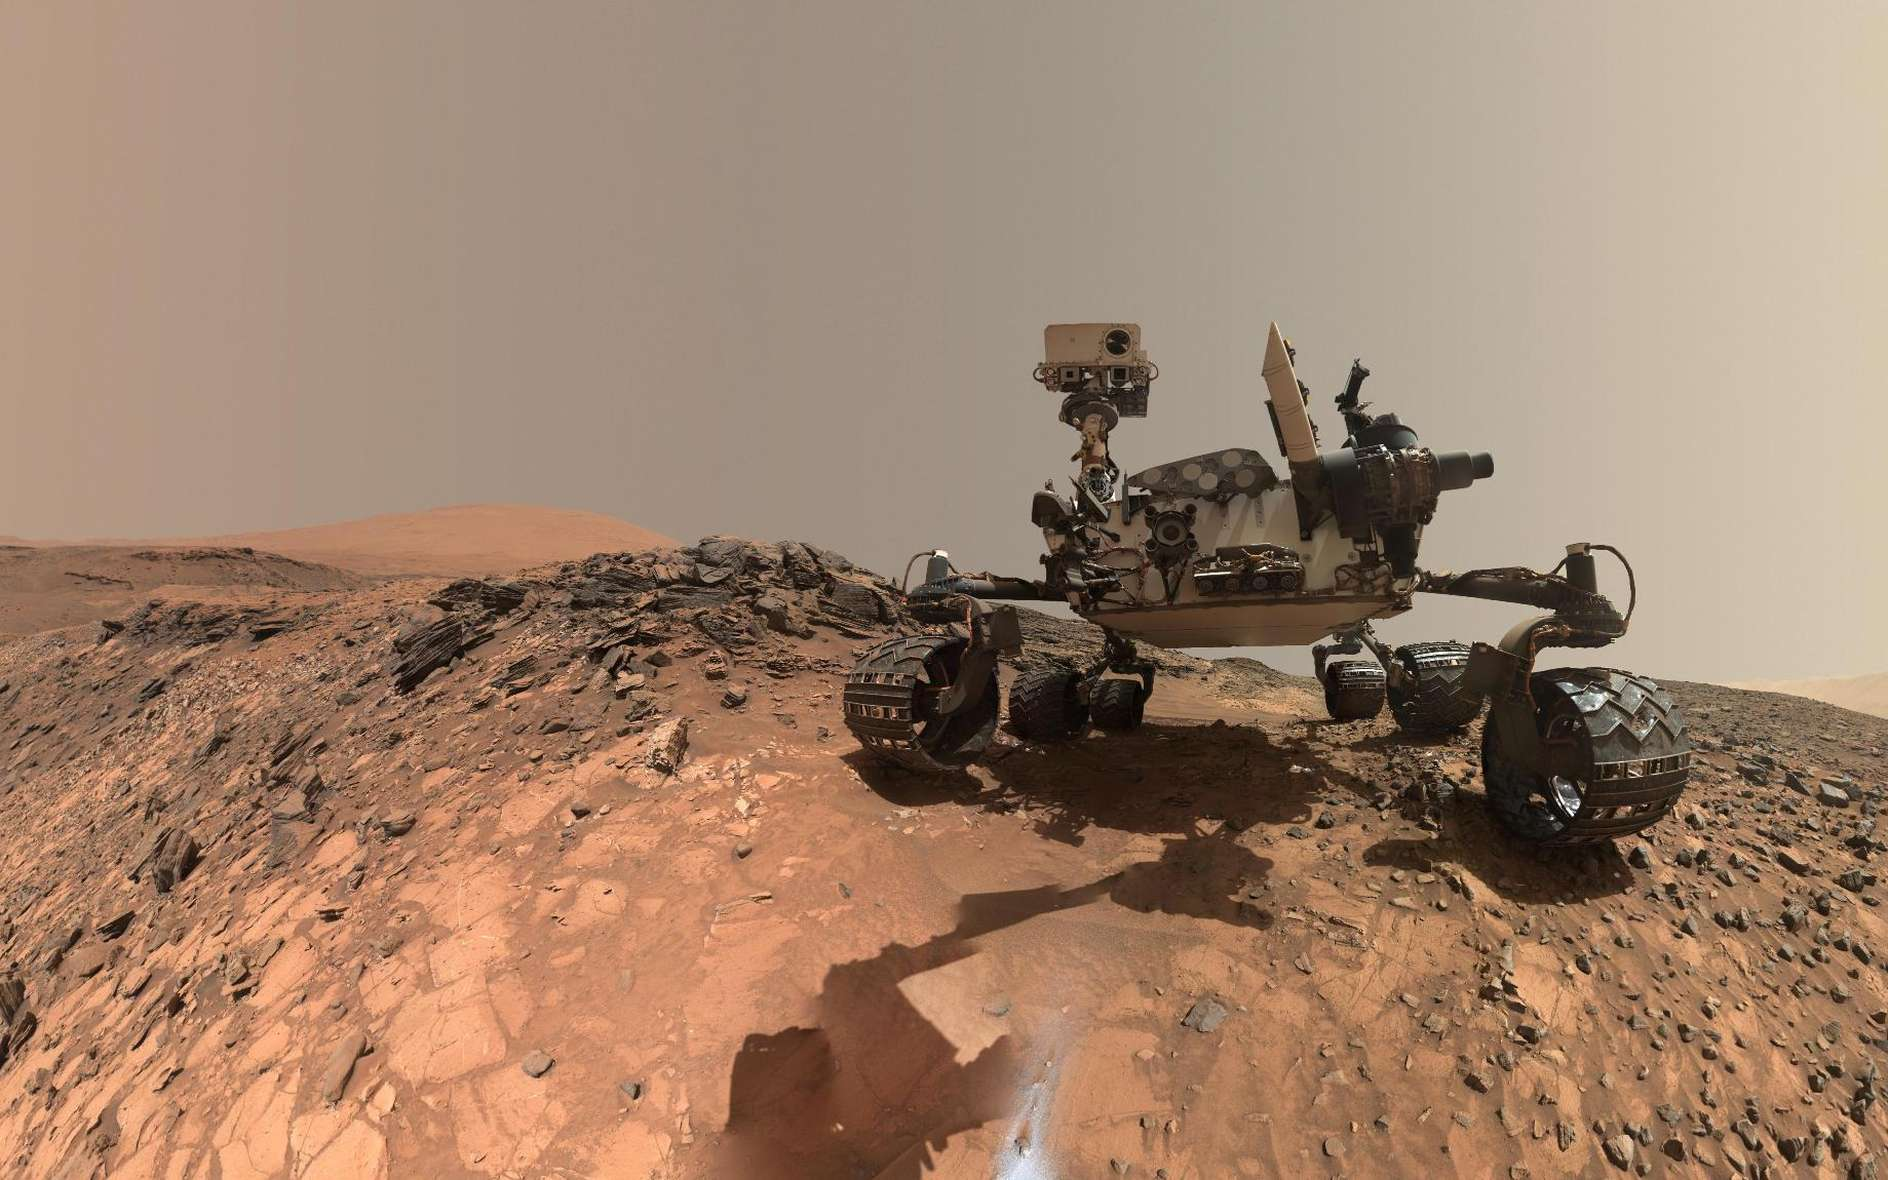 Un autoportrait réalisé par traitement de l'image sur ordinateur du rover Curiosity sur Mars à partir de photos qu'il a prises. © Nasa, JPL-Caltech, MSSS